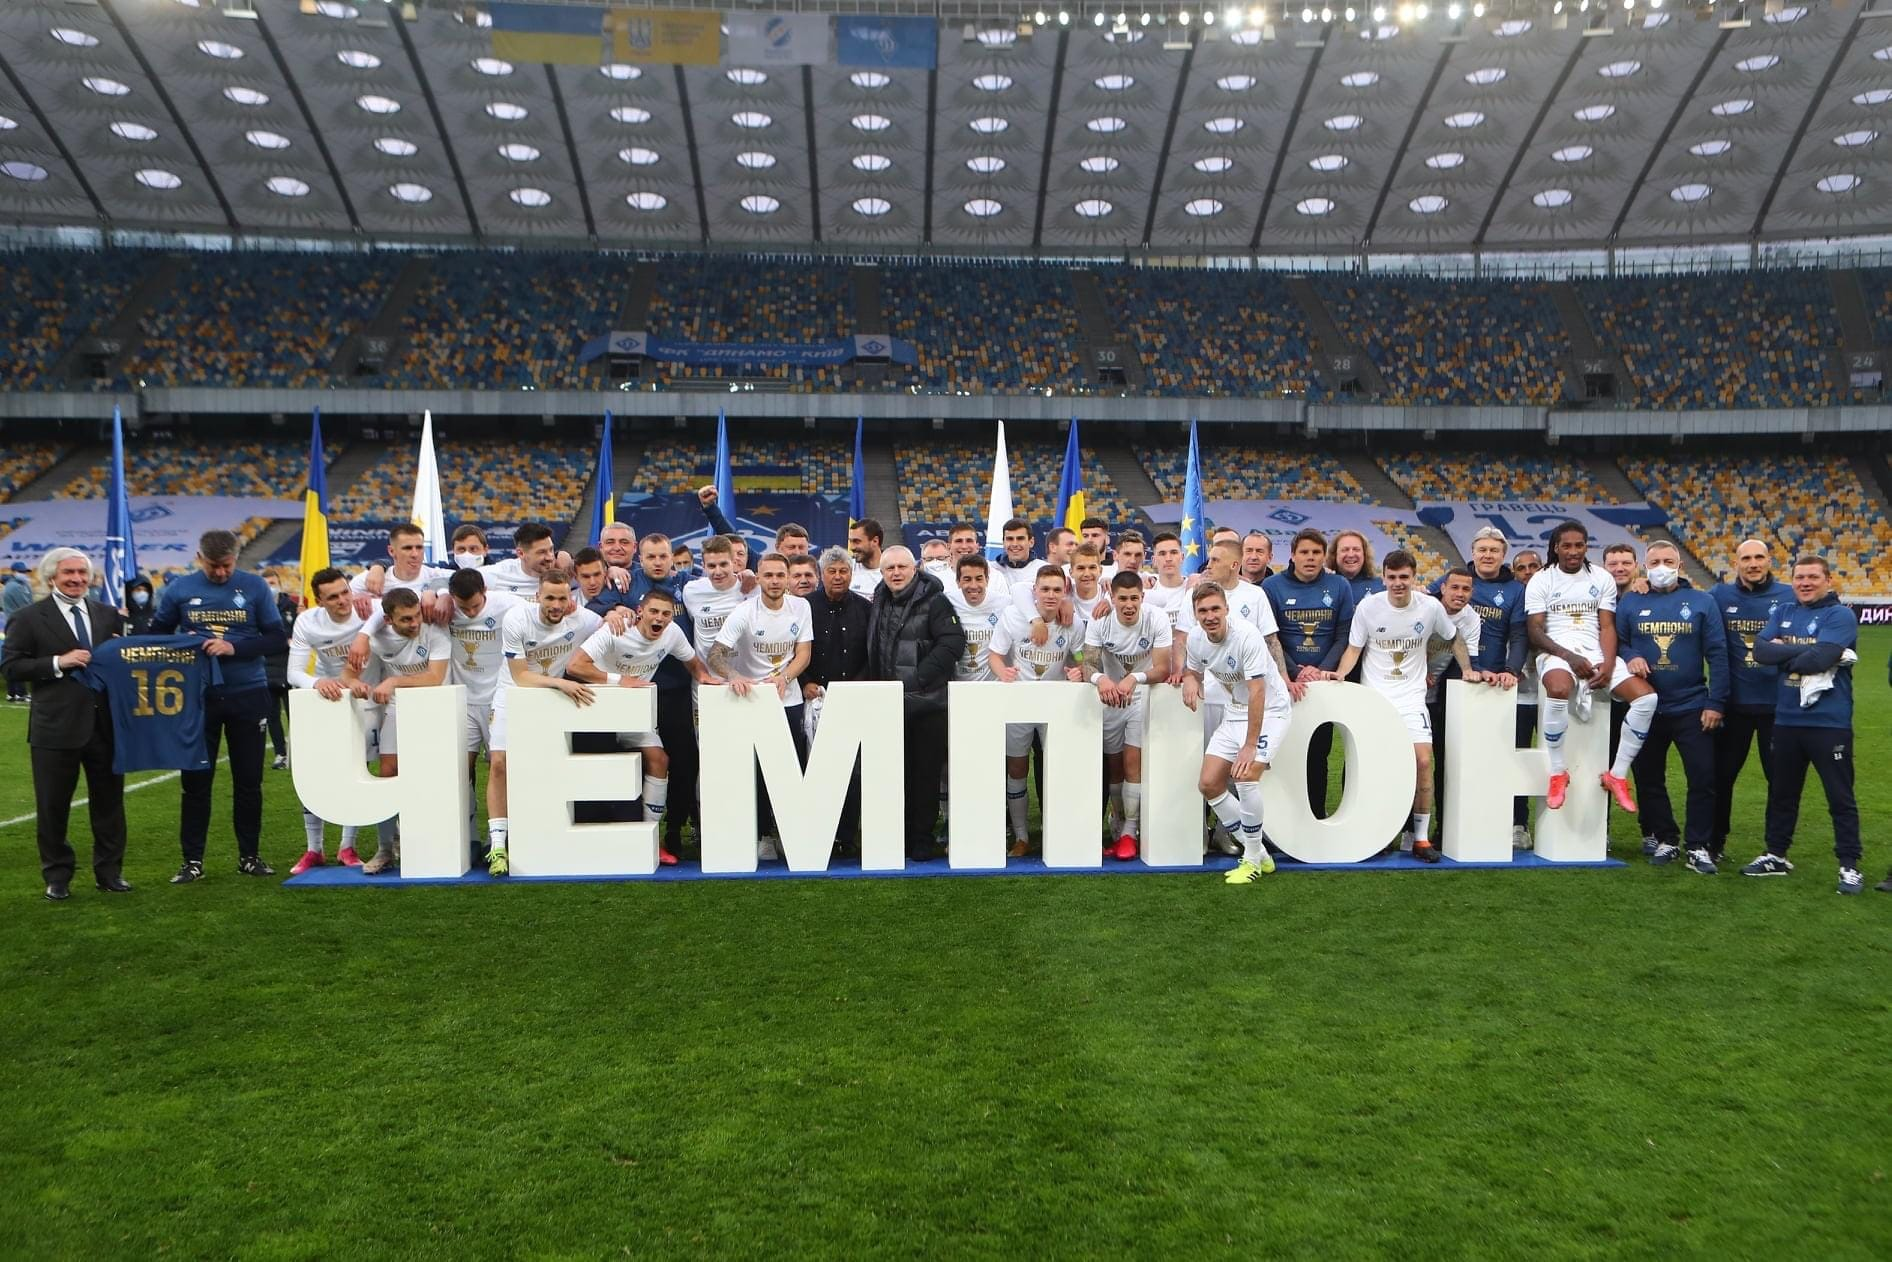 Чемпионство Динамо Киев - официальный интернет-магазин Brave GK